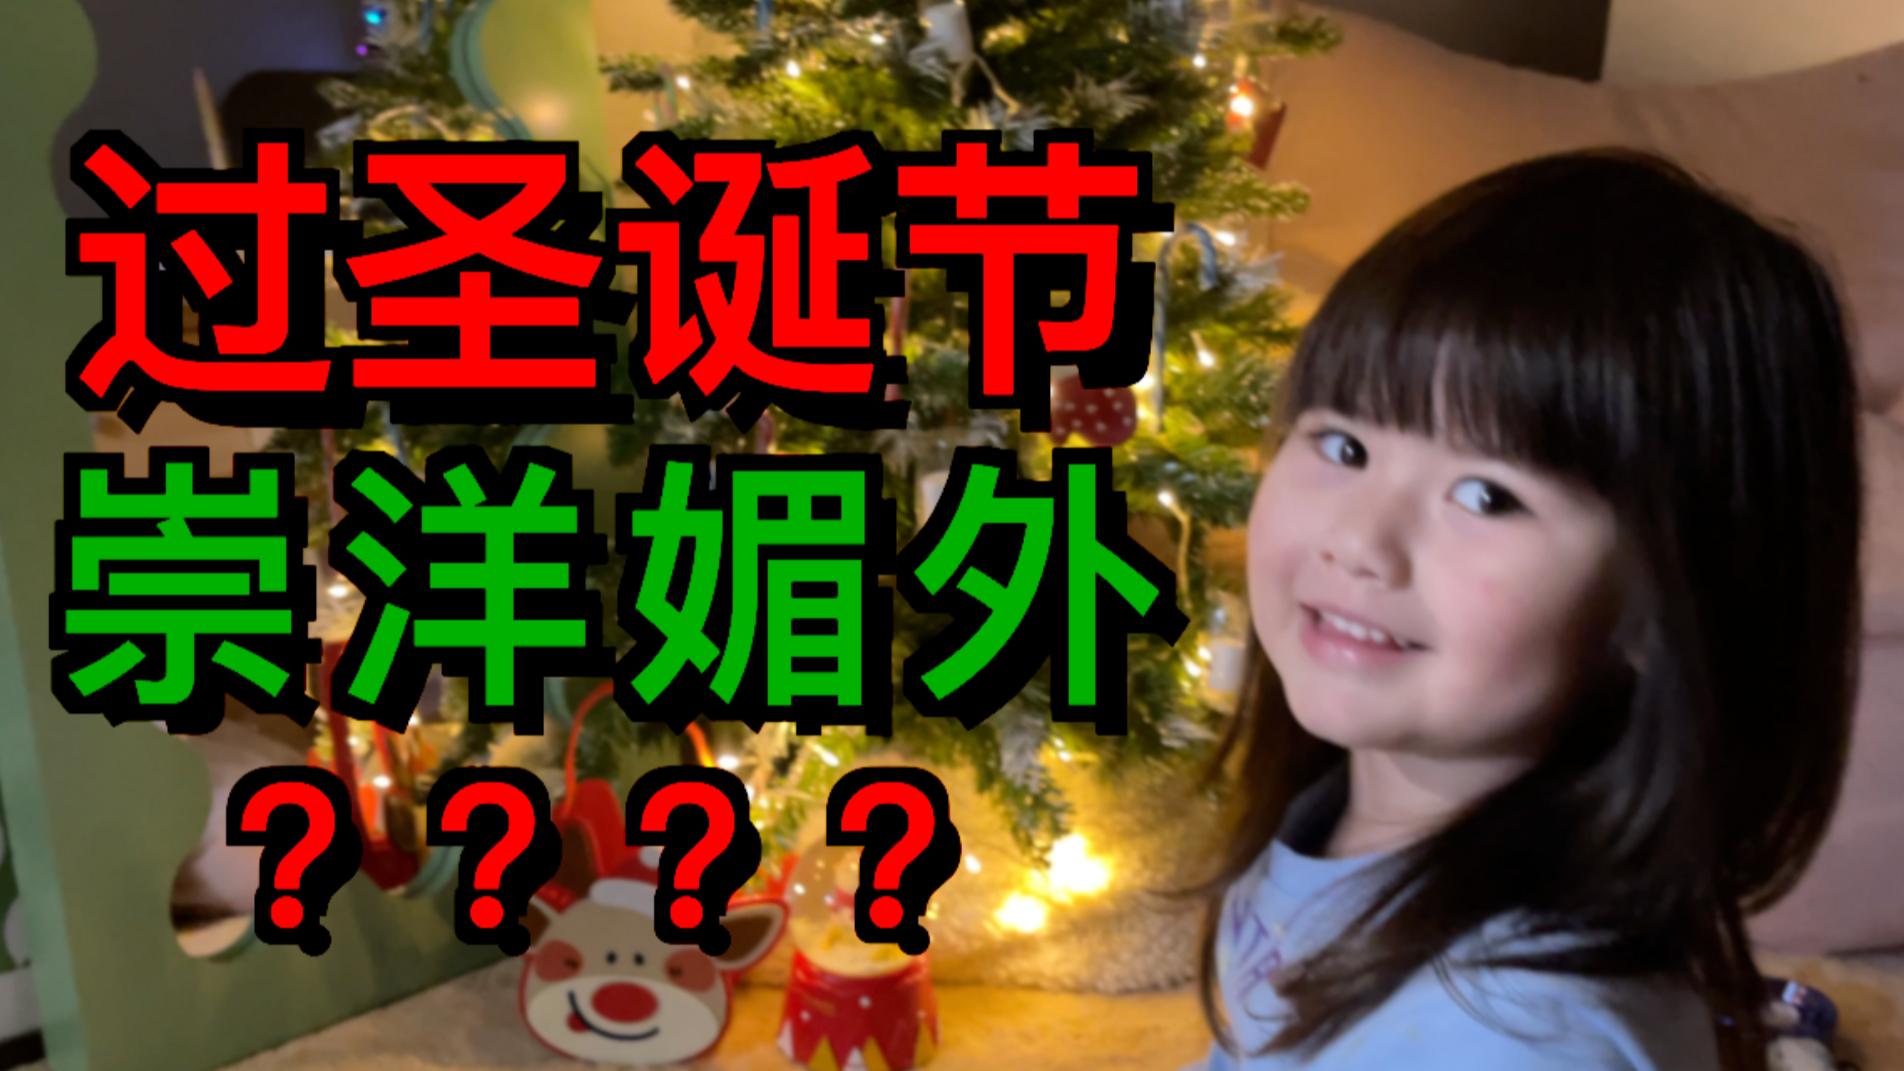 过圣诞节算不算崇洋媚外?